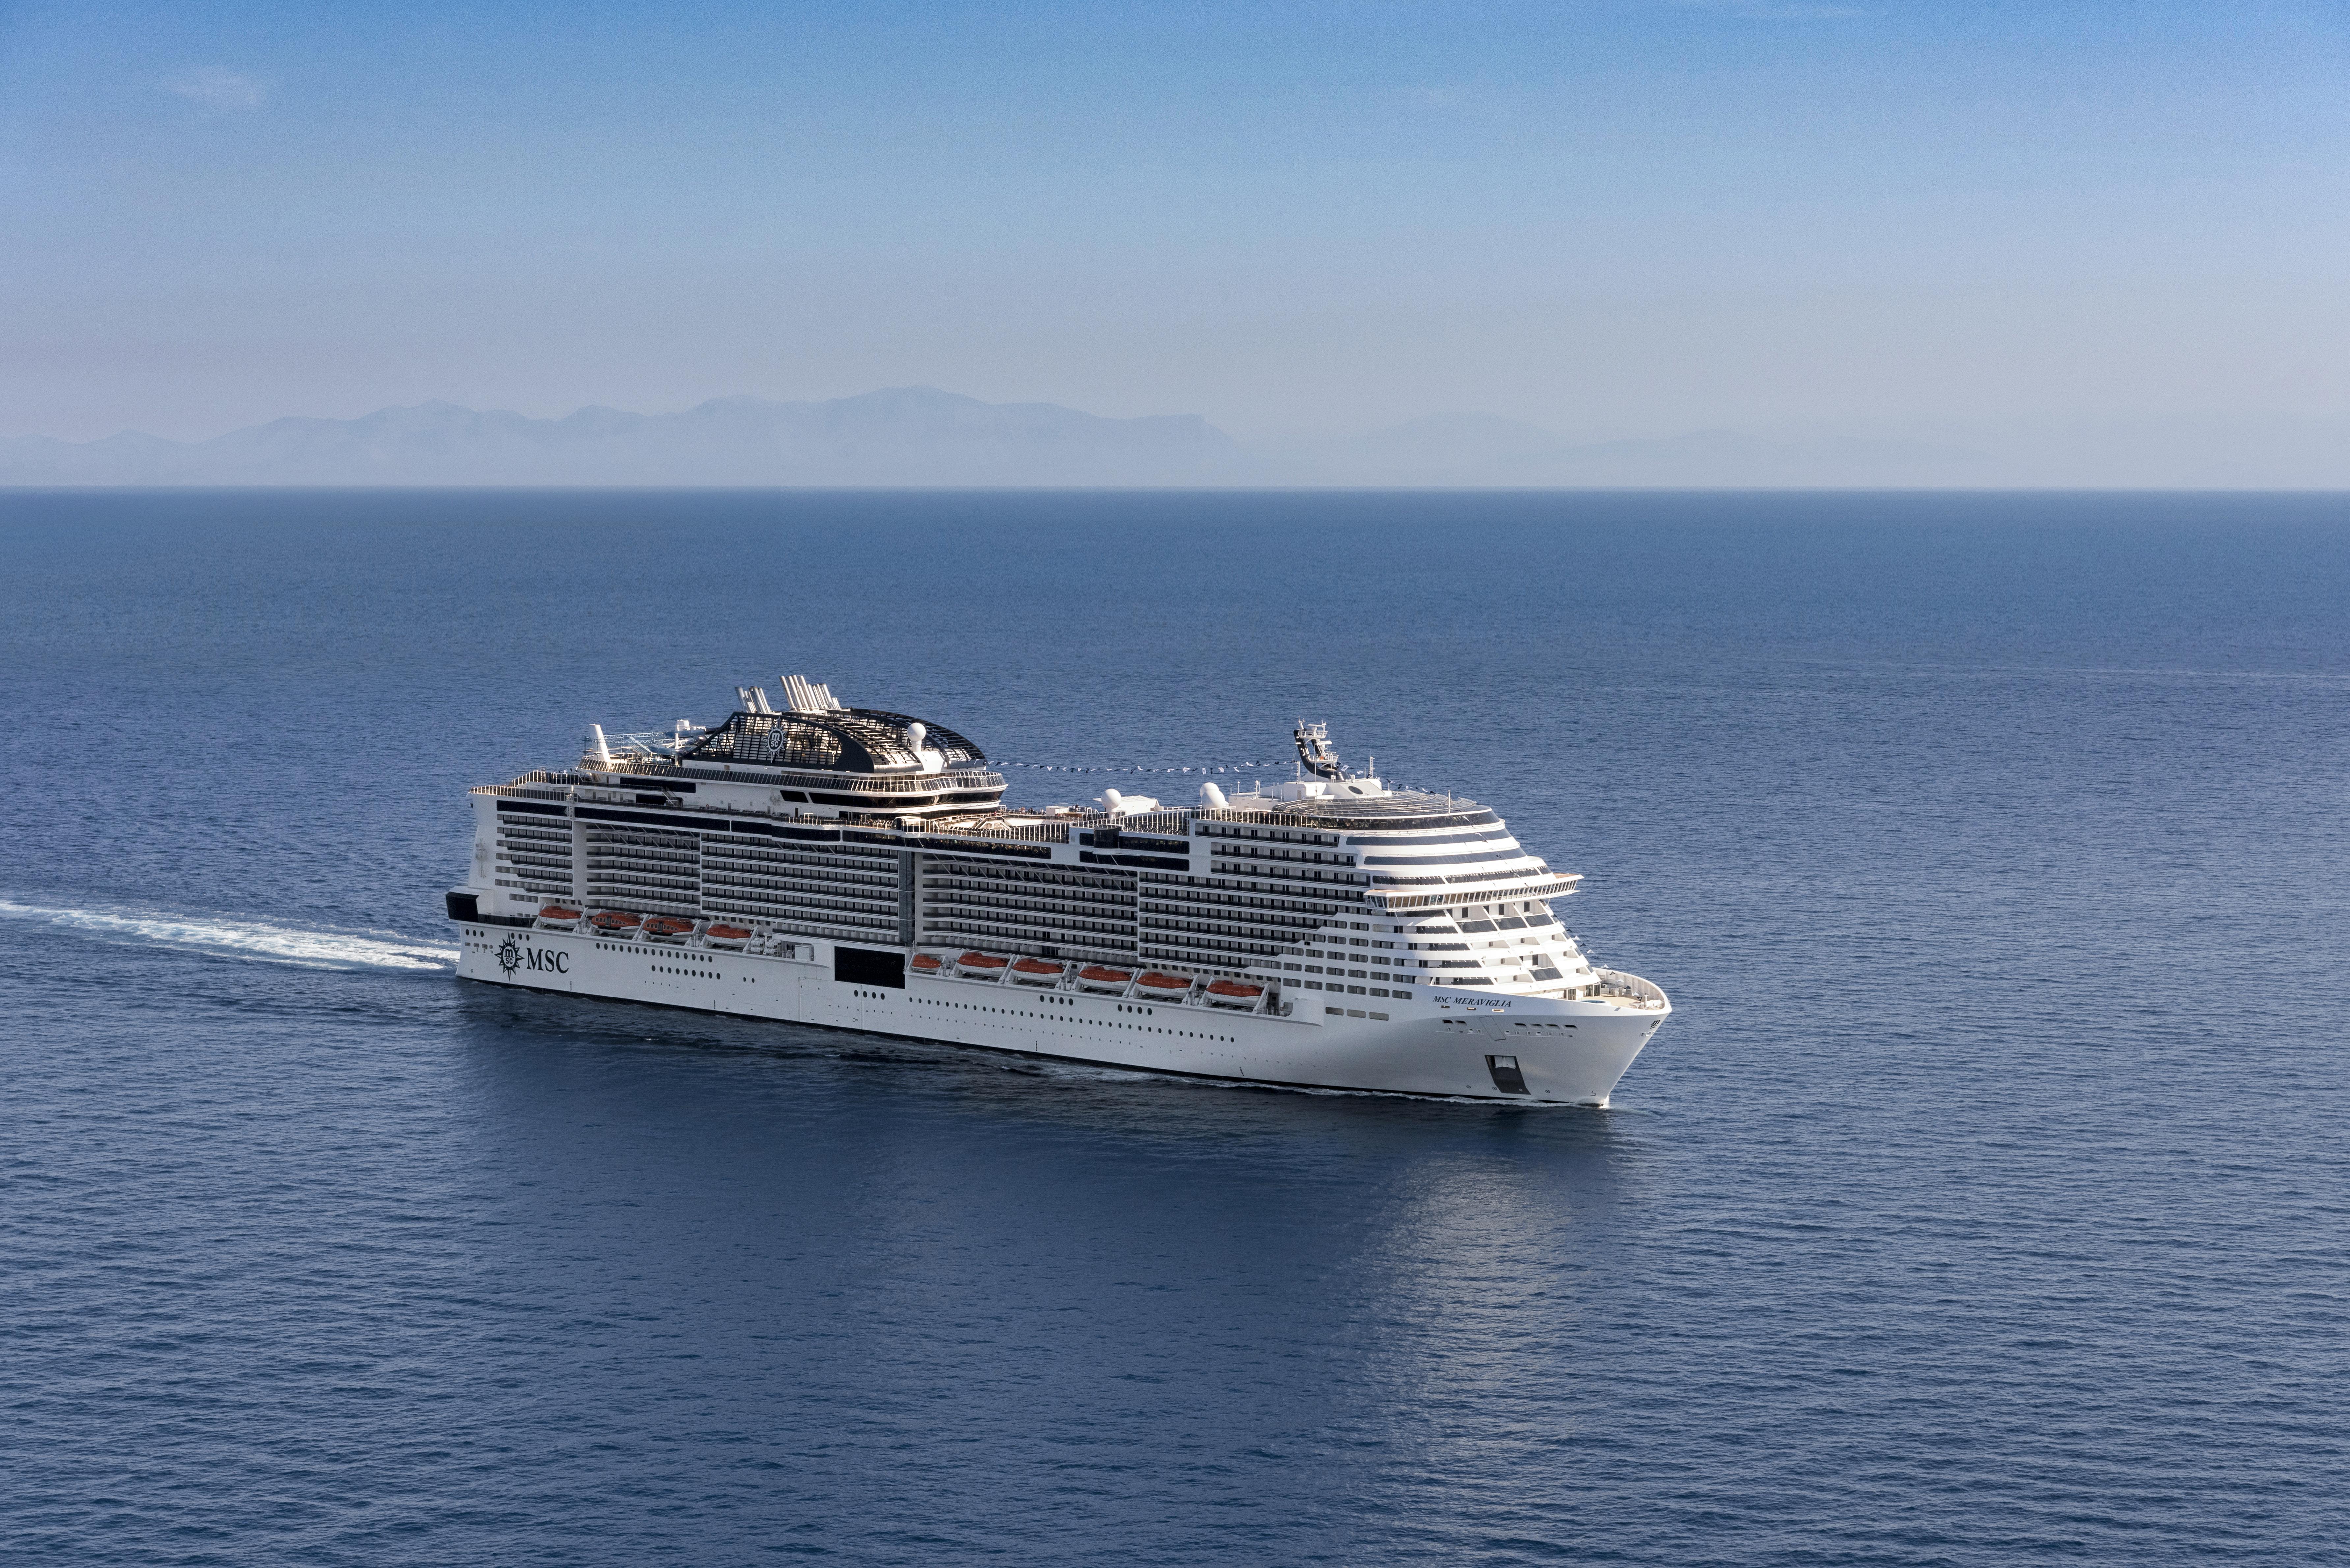 Im Skagerrak zwischen Norwegen und Dänemark ist eine deutsche Urlauberin von Bord des Kreuzfahrtschiffes MSC Meraviglia gefallen und verstorben